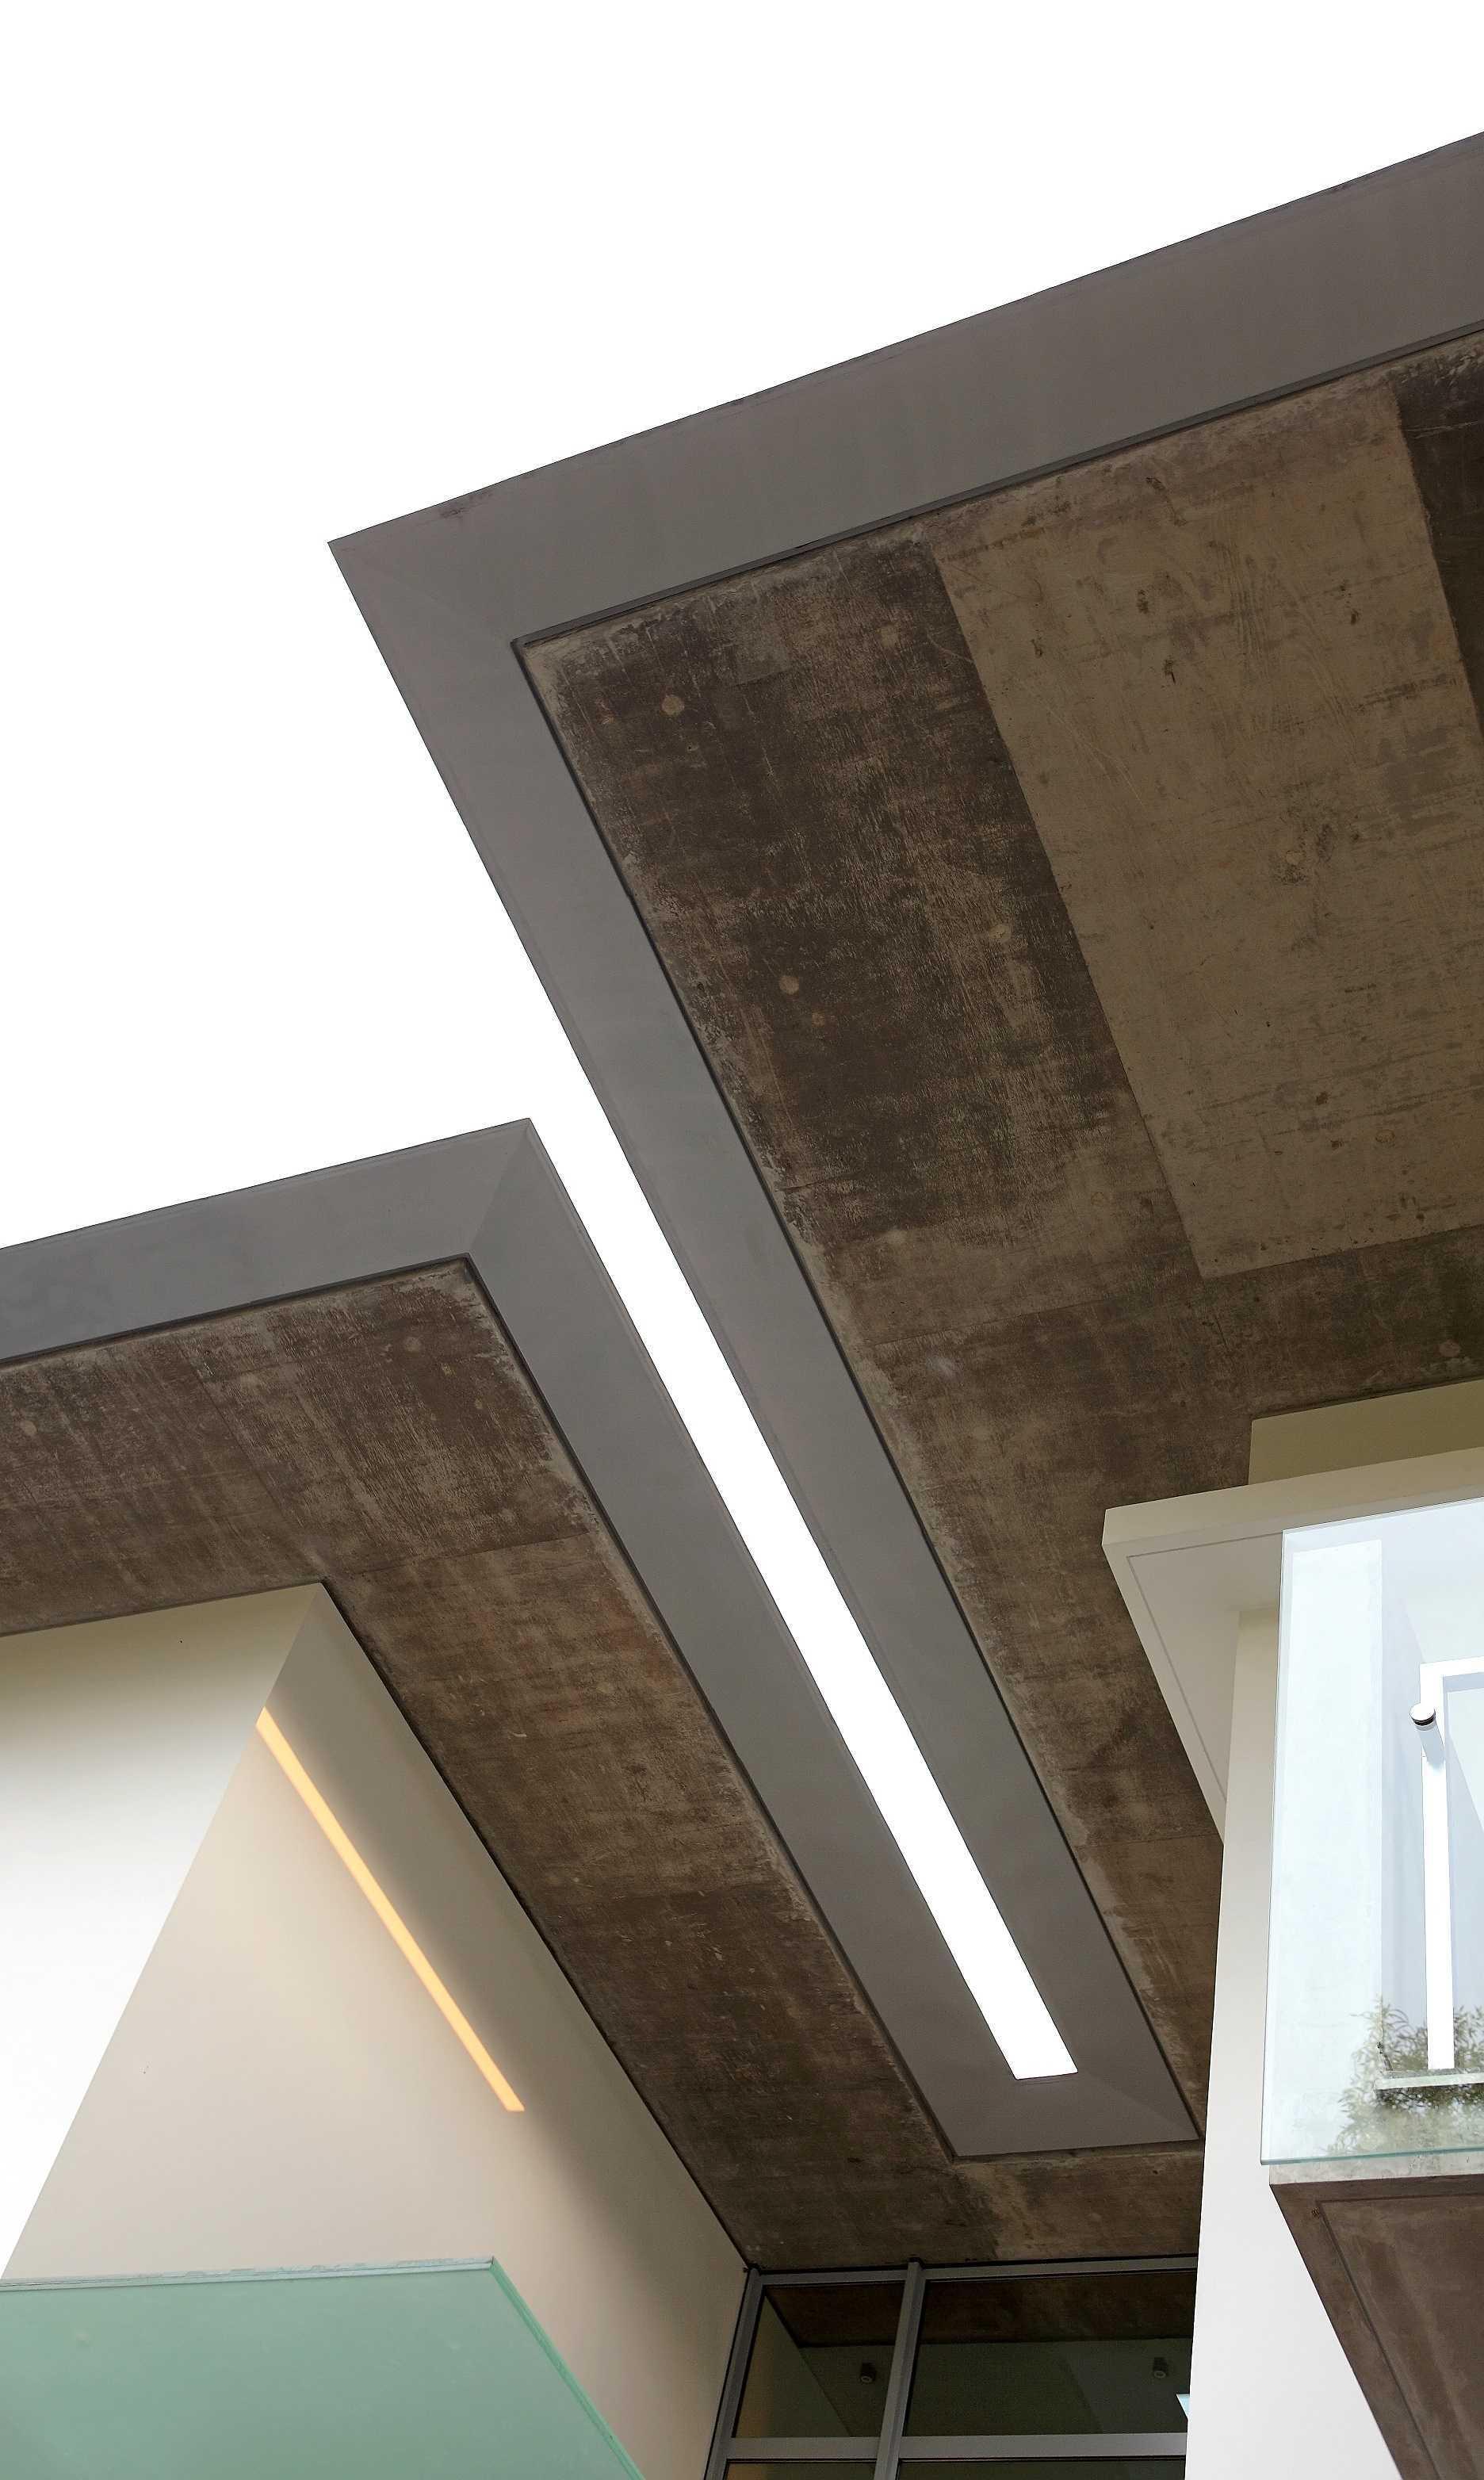 Irianto Purnomo Hadi Swiss Embassy  Jakarta, Indonesia Roof Details Kontemporer  30257